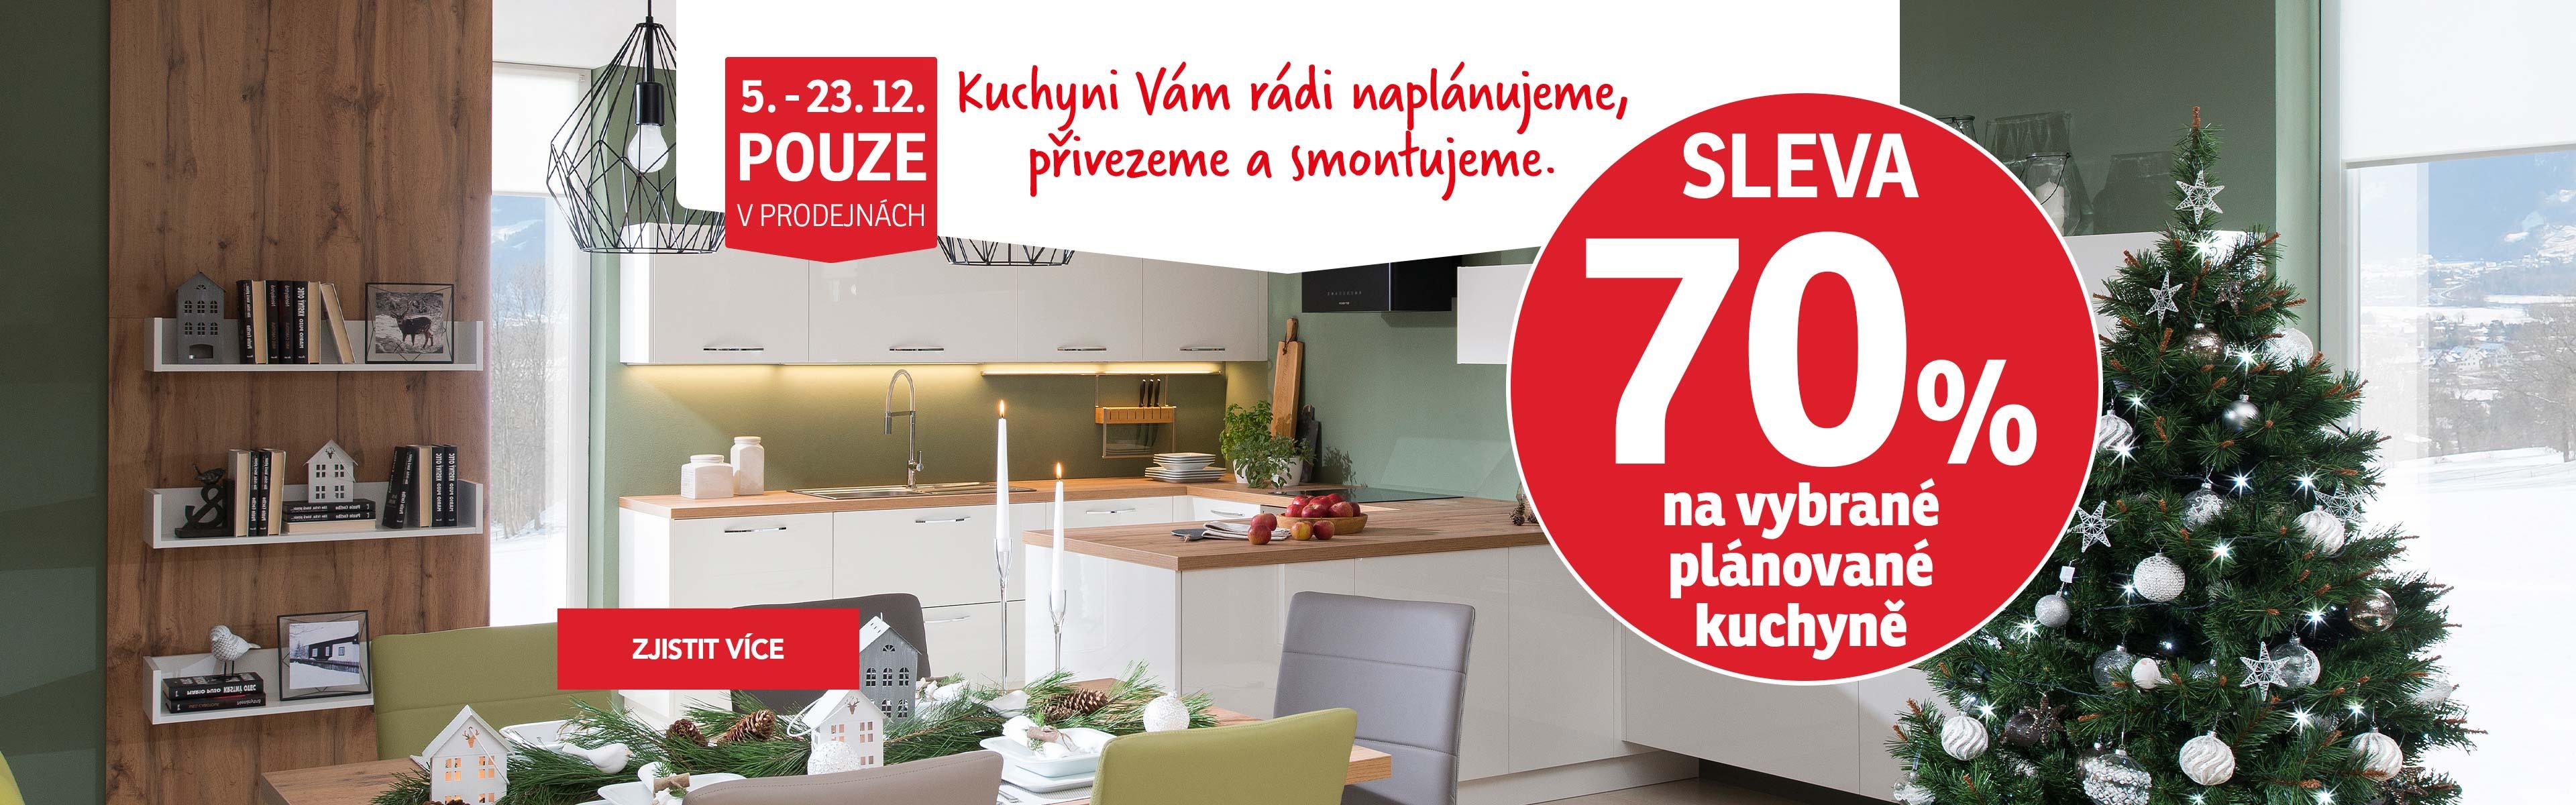 kuchyně-70% sleva na plánované